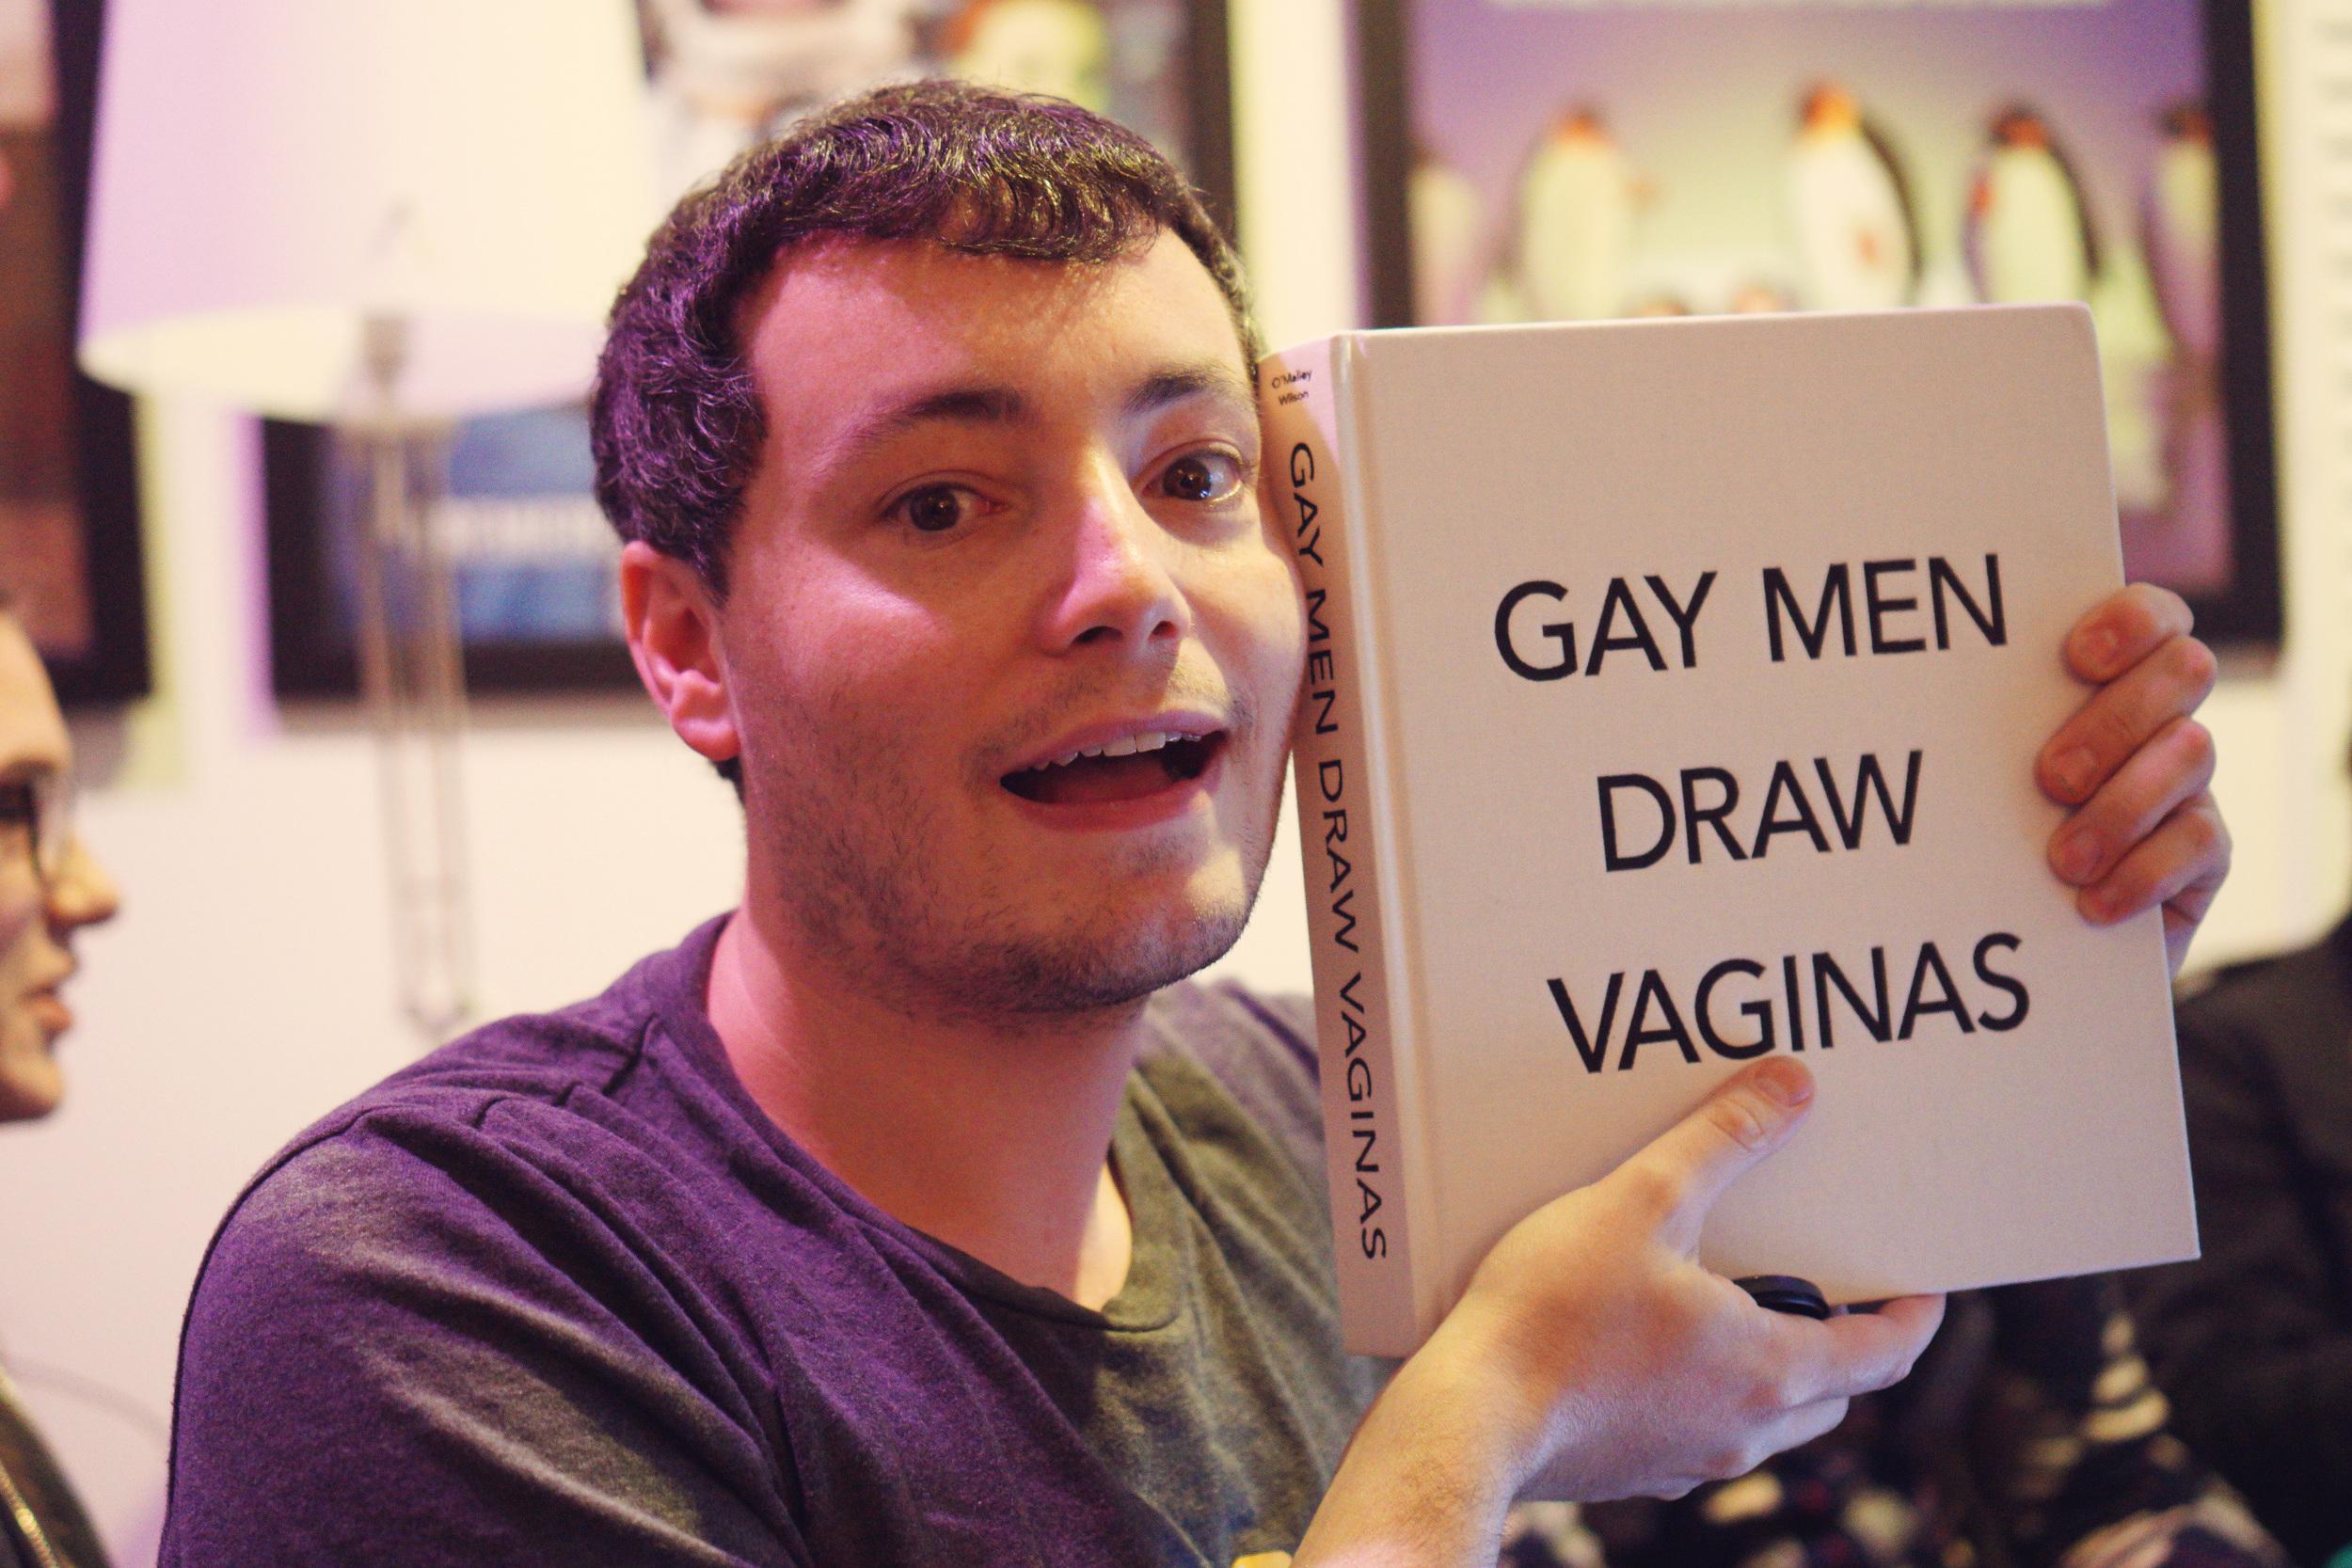 DSC02498 Gay Men Draw Vaginas.JPG